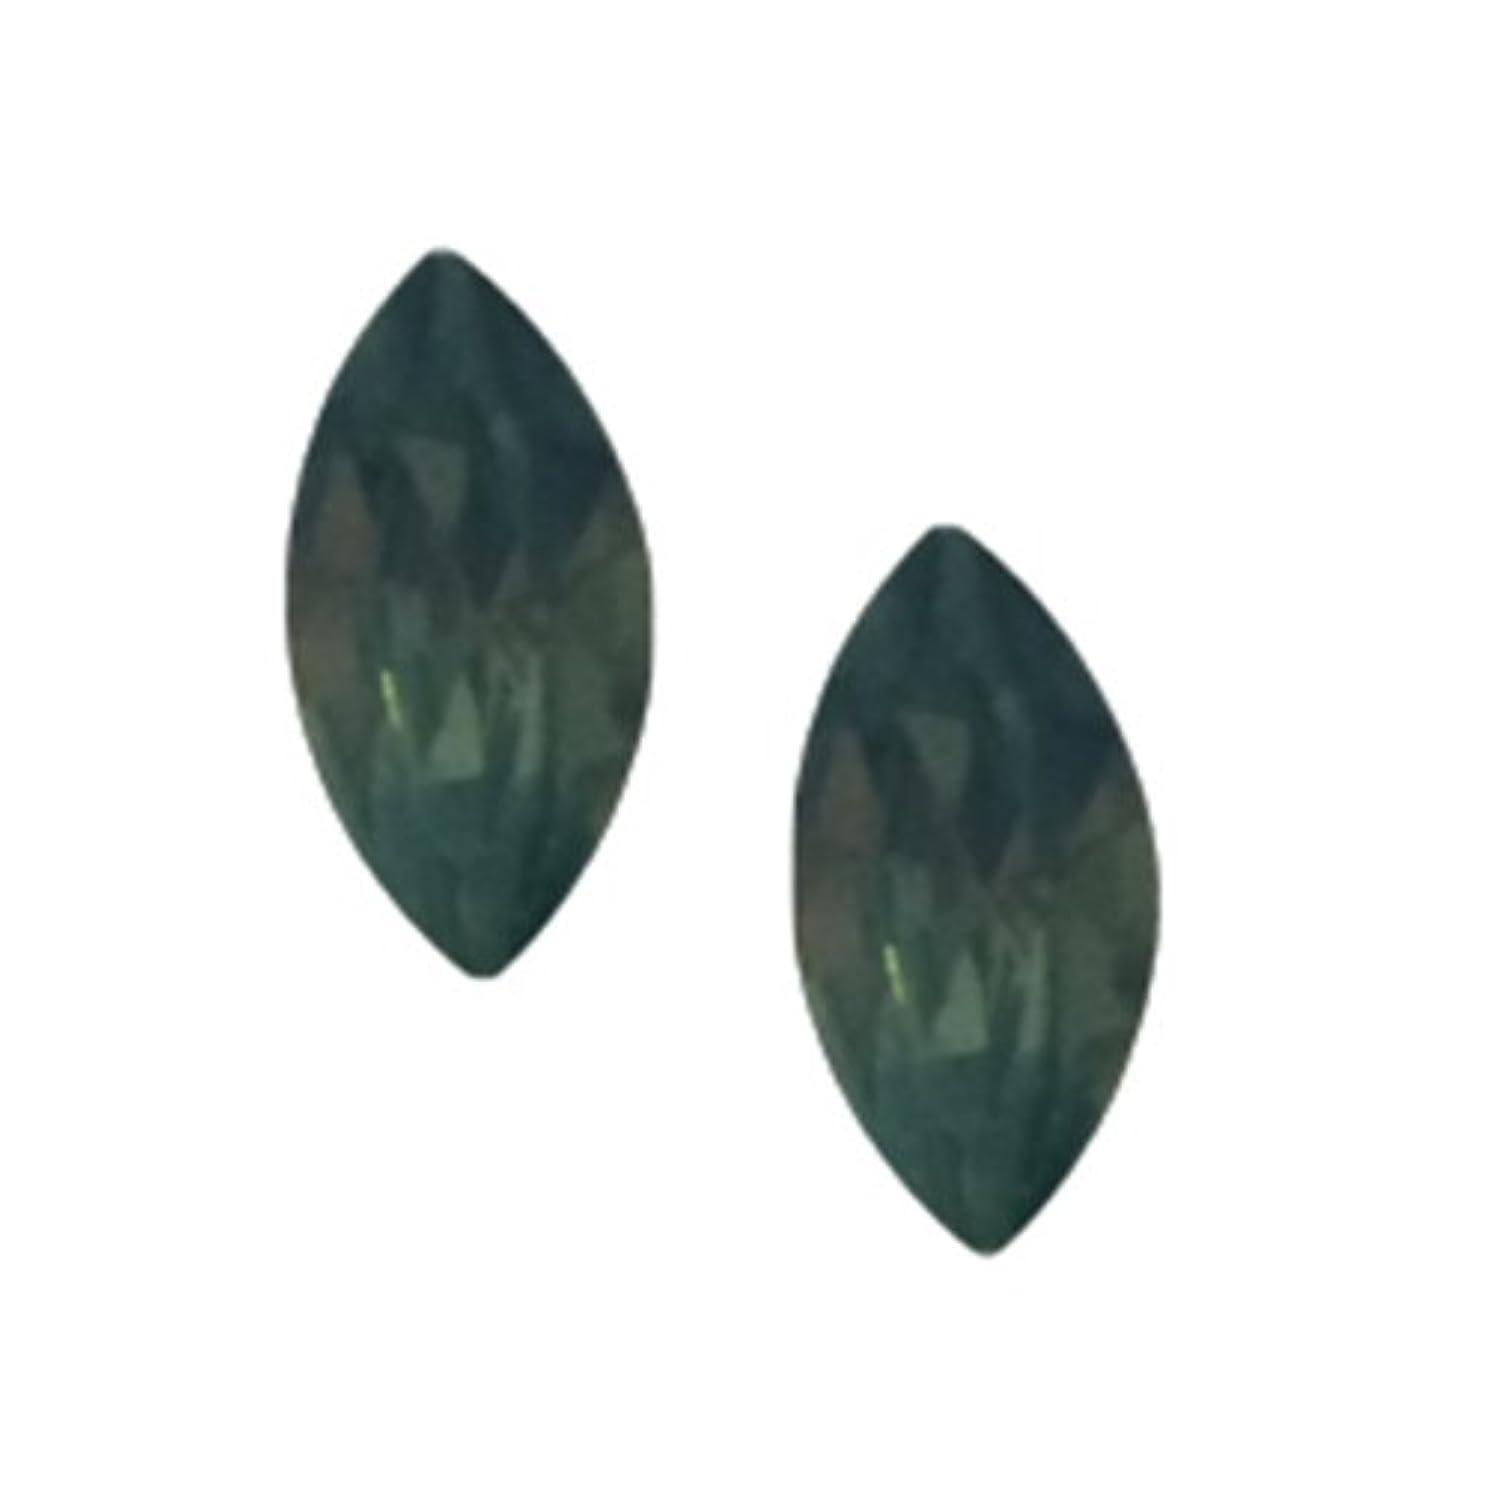 懺悔責任参照POSH ART ネイルパーツ馬眼型 3*6mm 10P グリーンオパール